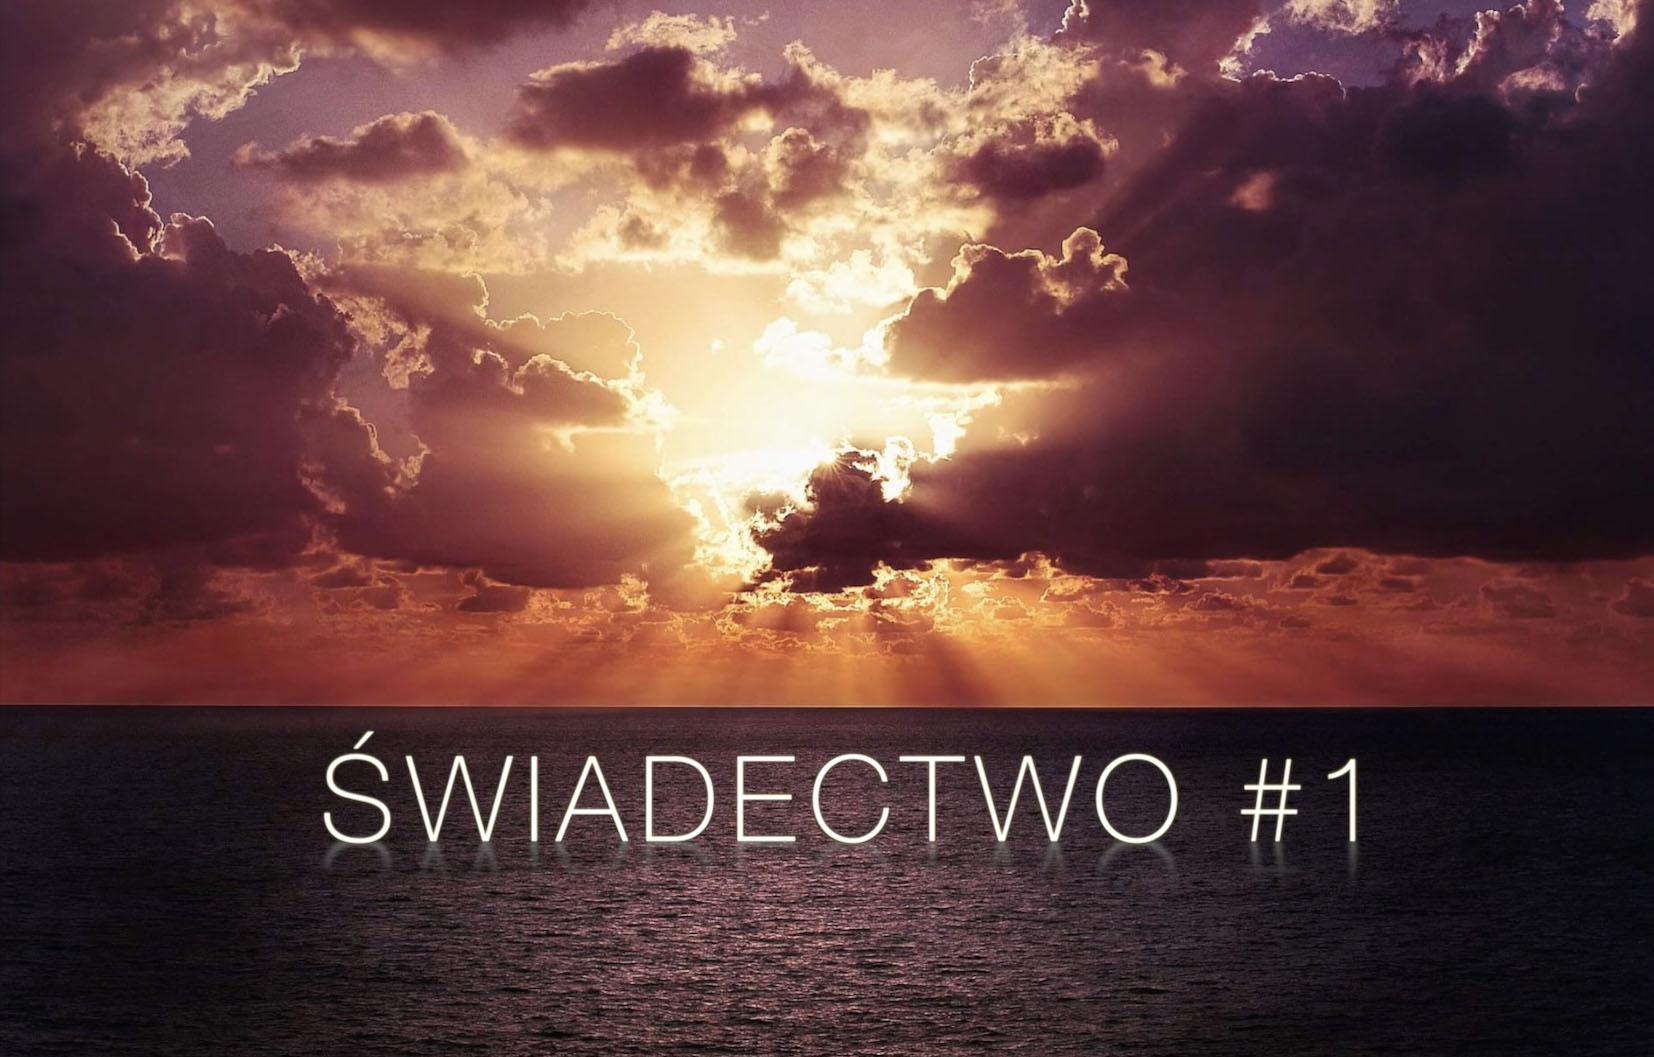 Świadectwo #1 - Jak Bóg prowadził mnie do siebie i jak zmienił moje życie (moje nawrócenie)